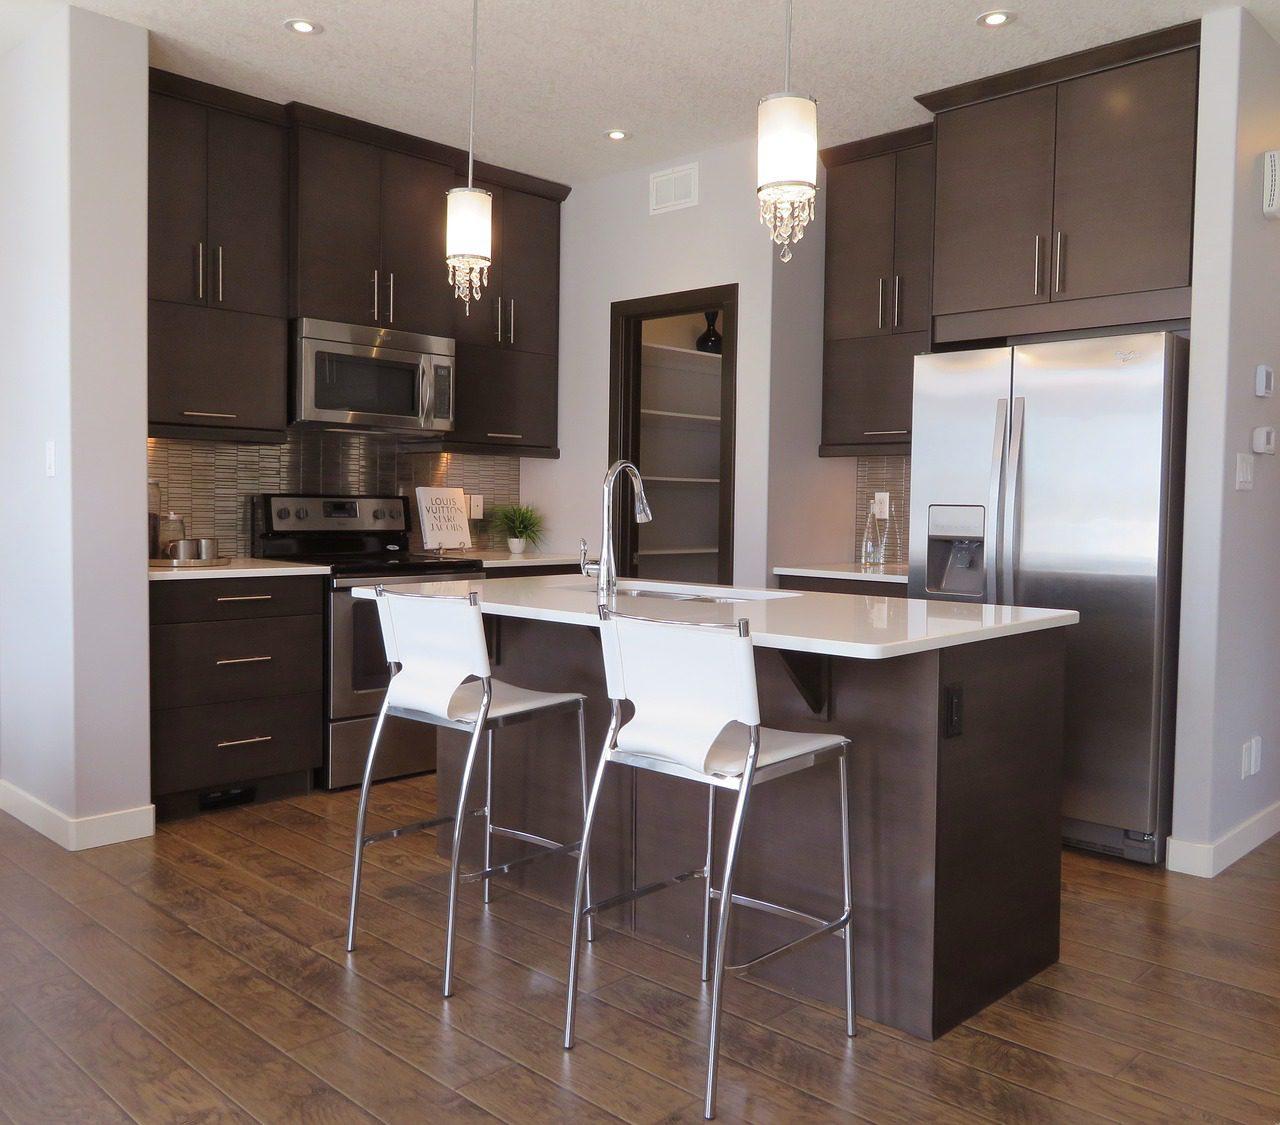 kitchen 2488520 1280